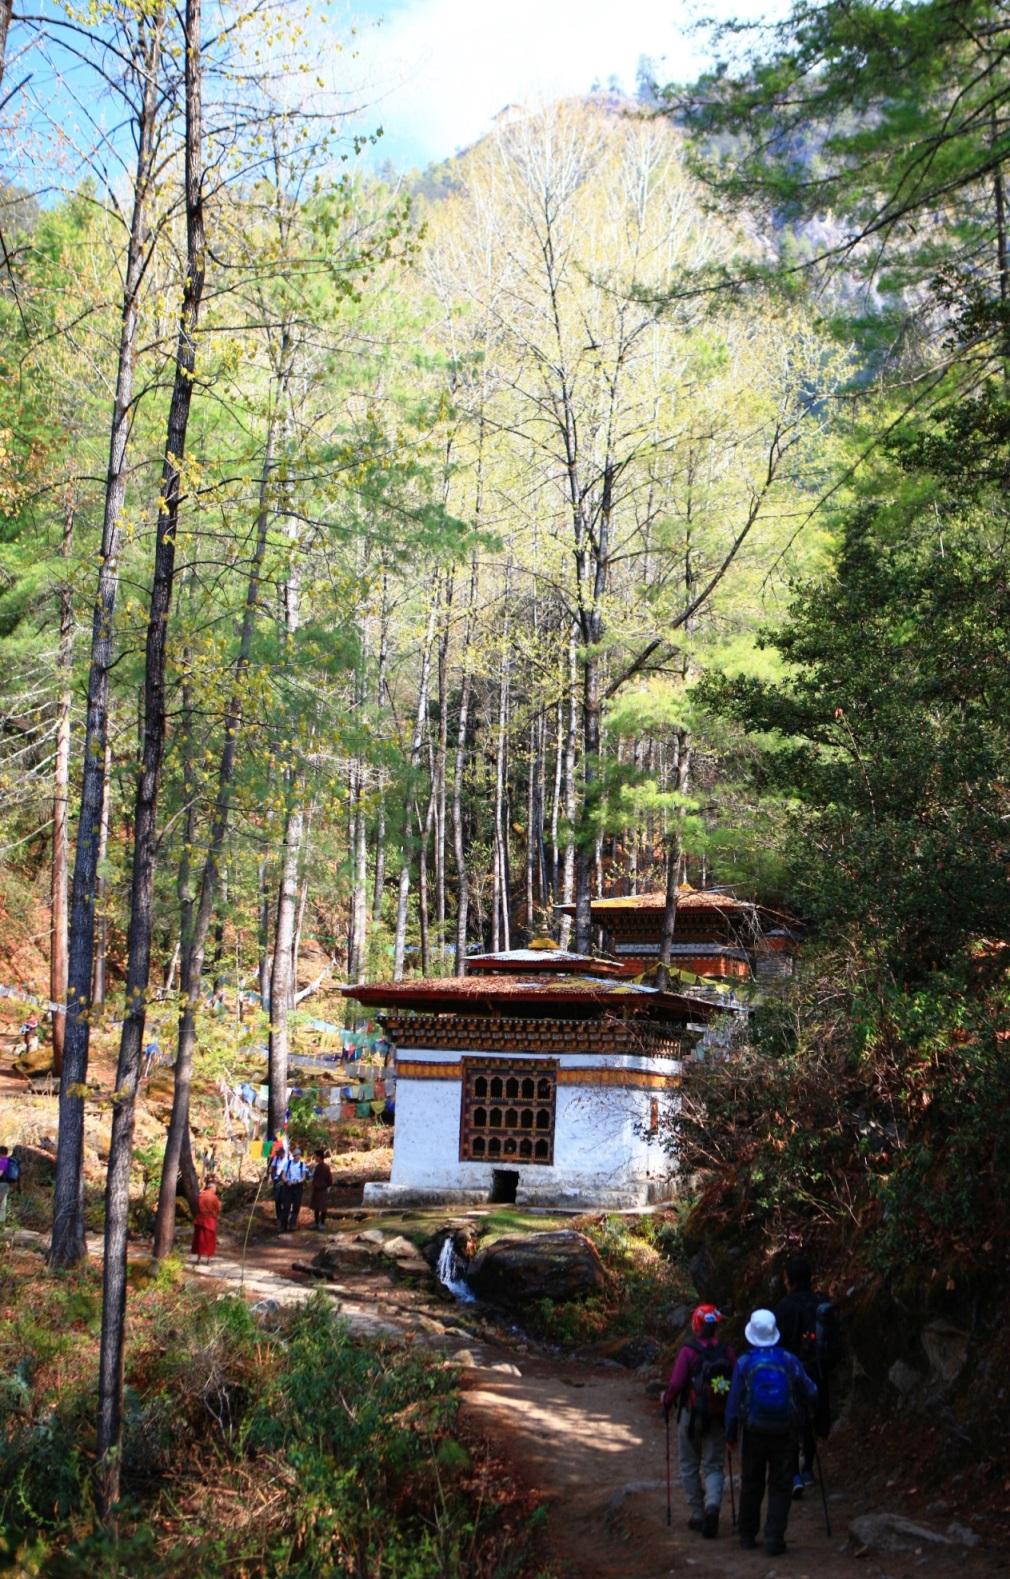 タクツァン僧院までは緑豊かな森を歩く